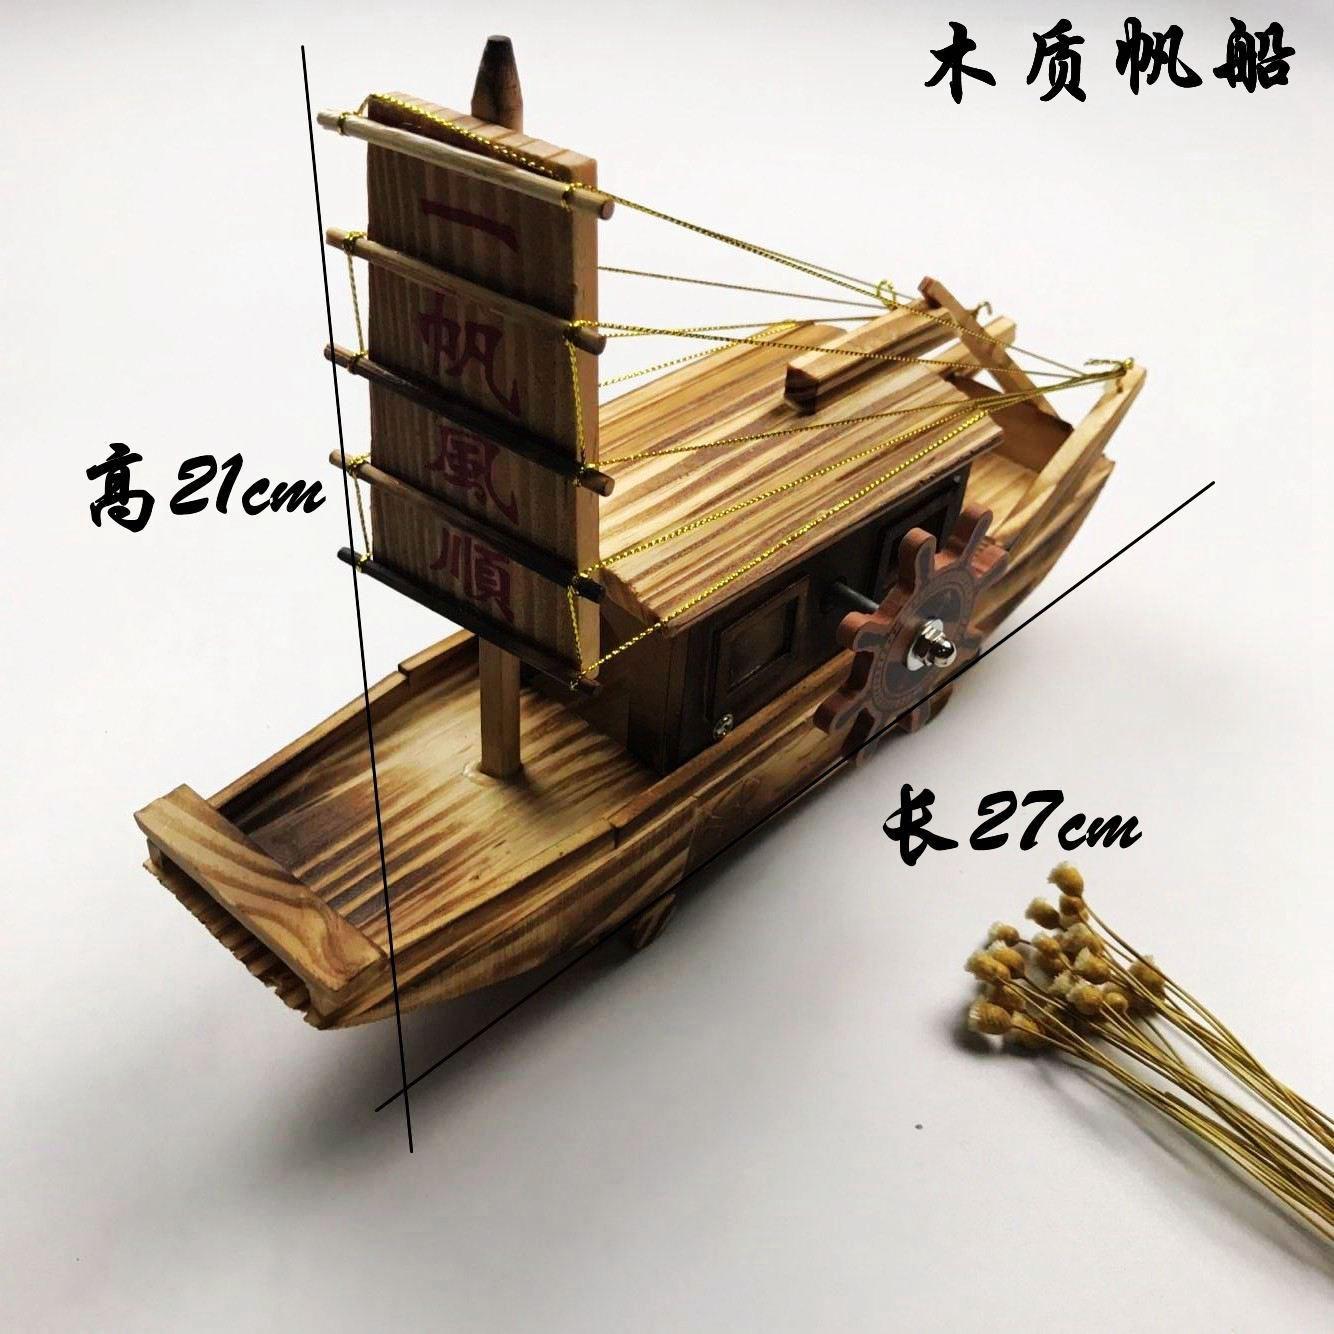 帆船渔实木制一小木船风帆头古乌篷船木风顺摆模型防国中设摆件船